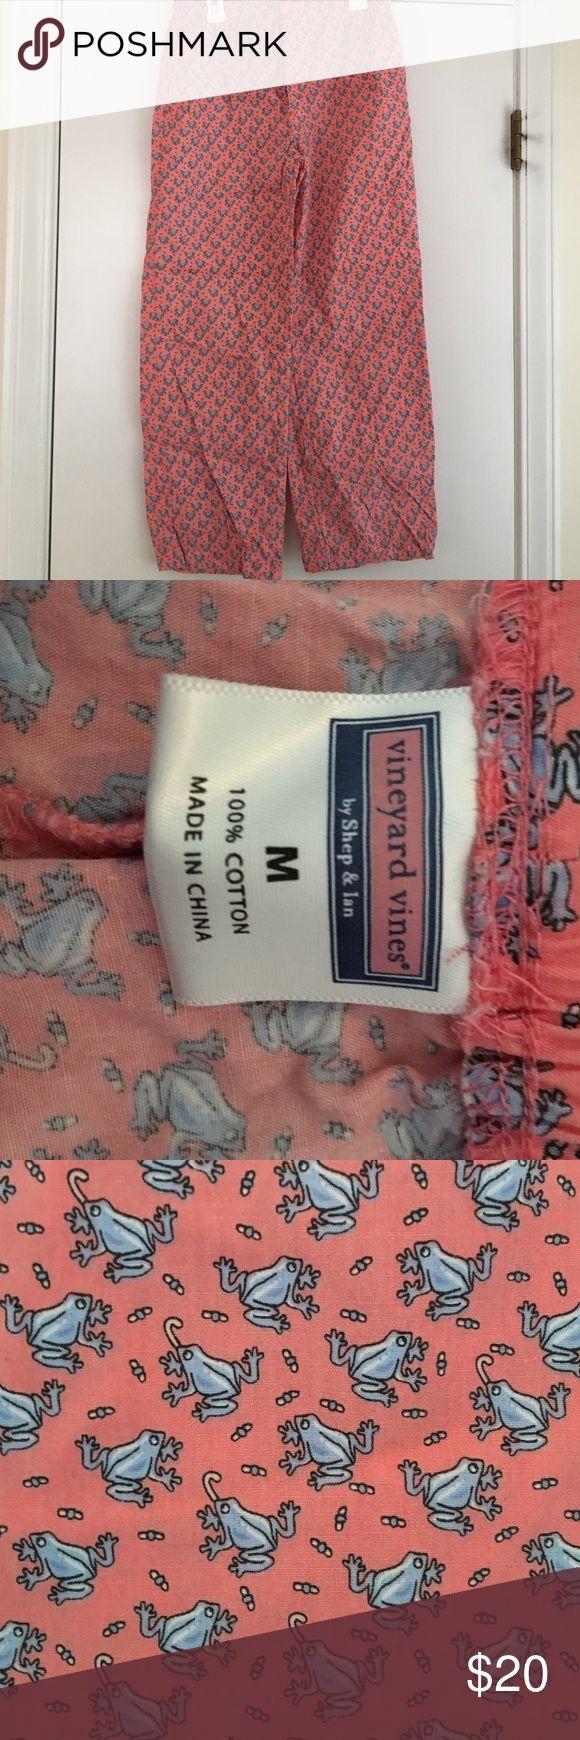 Vineyard Vines Boys pajama pants Vineyard Vines boys pajama pants. With frogs. Size M Vineyard Vines Pajamas Pajama Bottoms